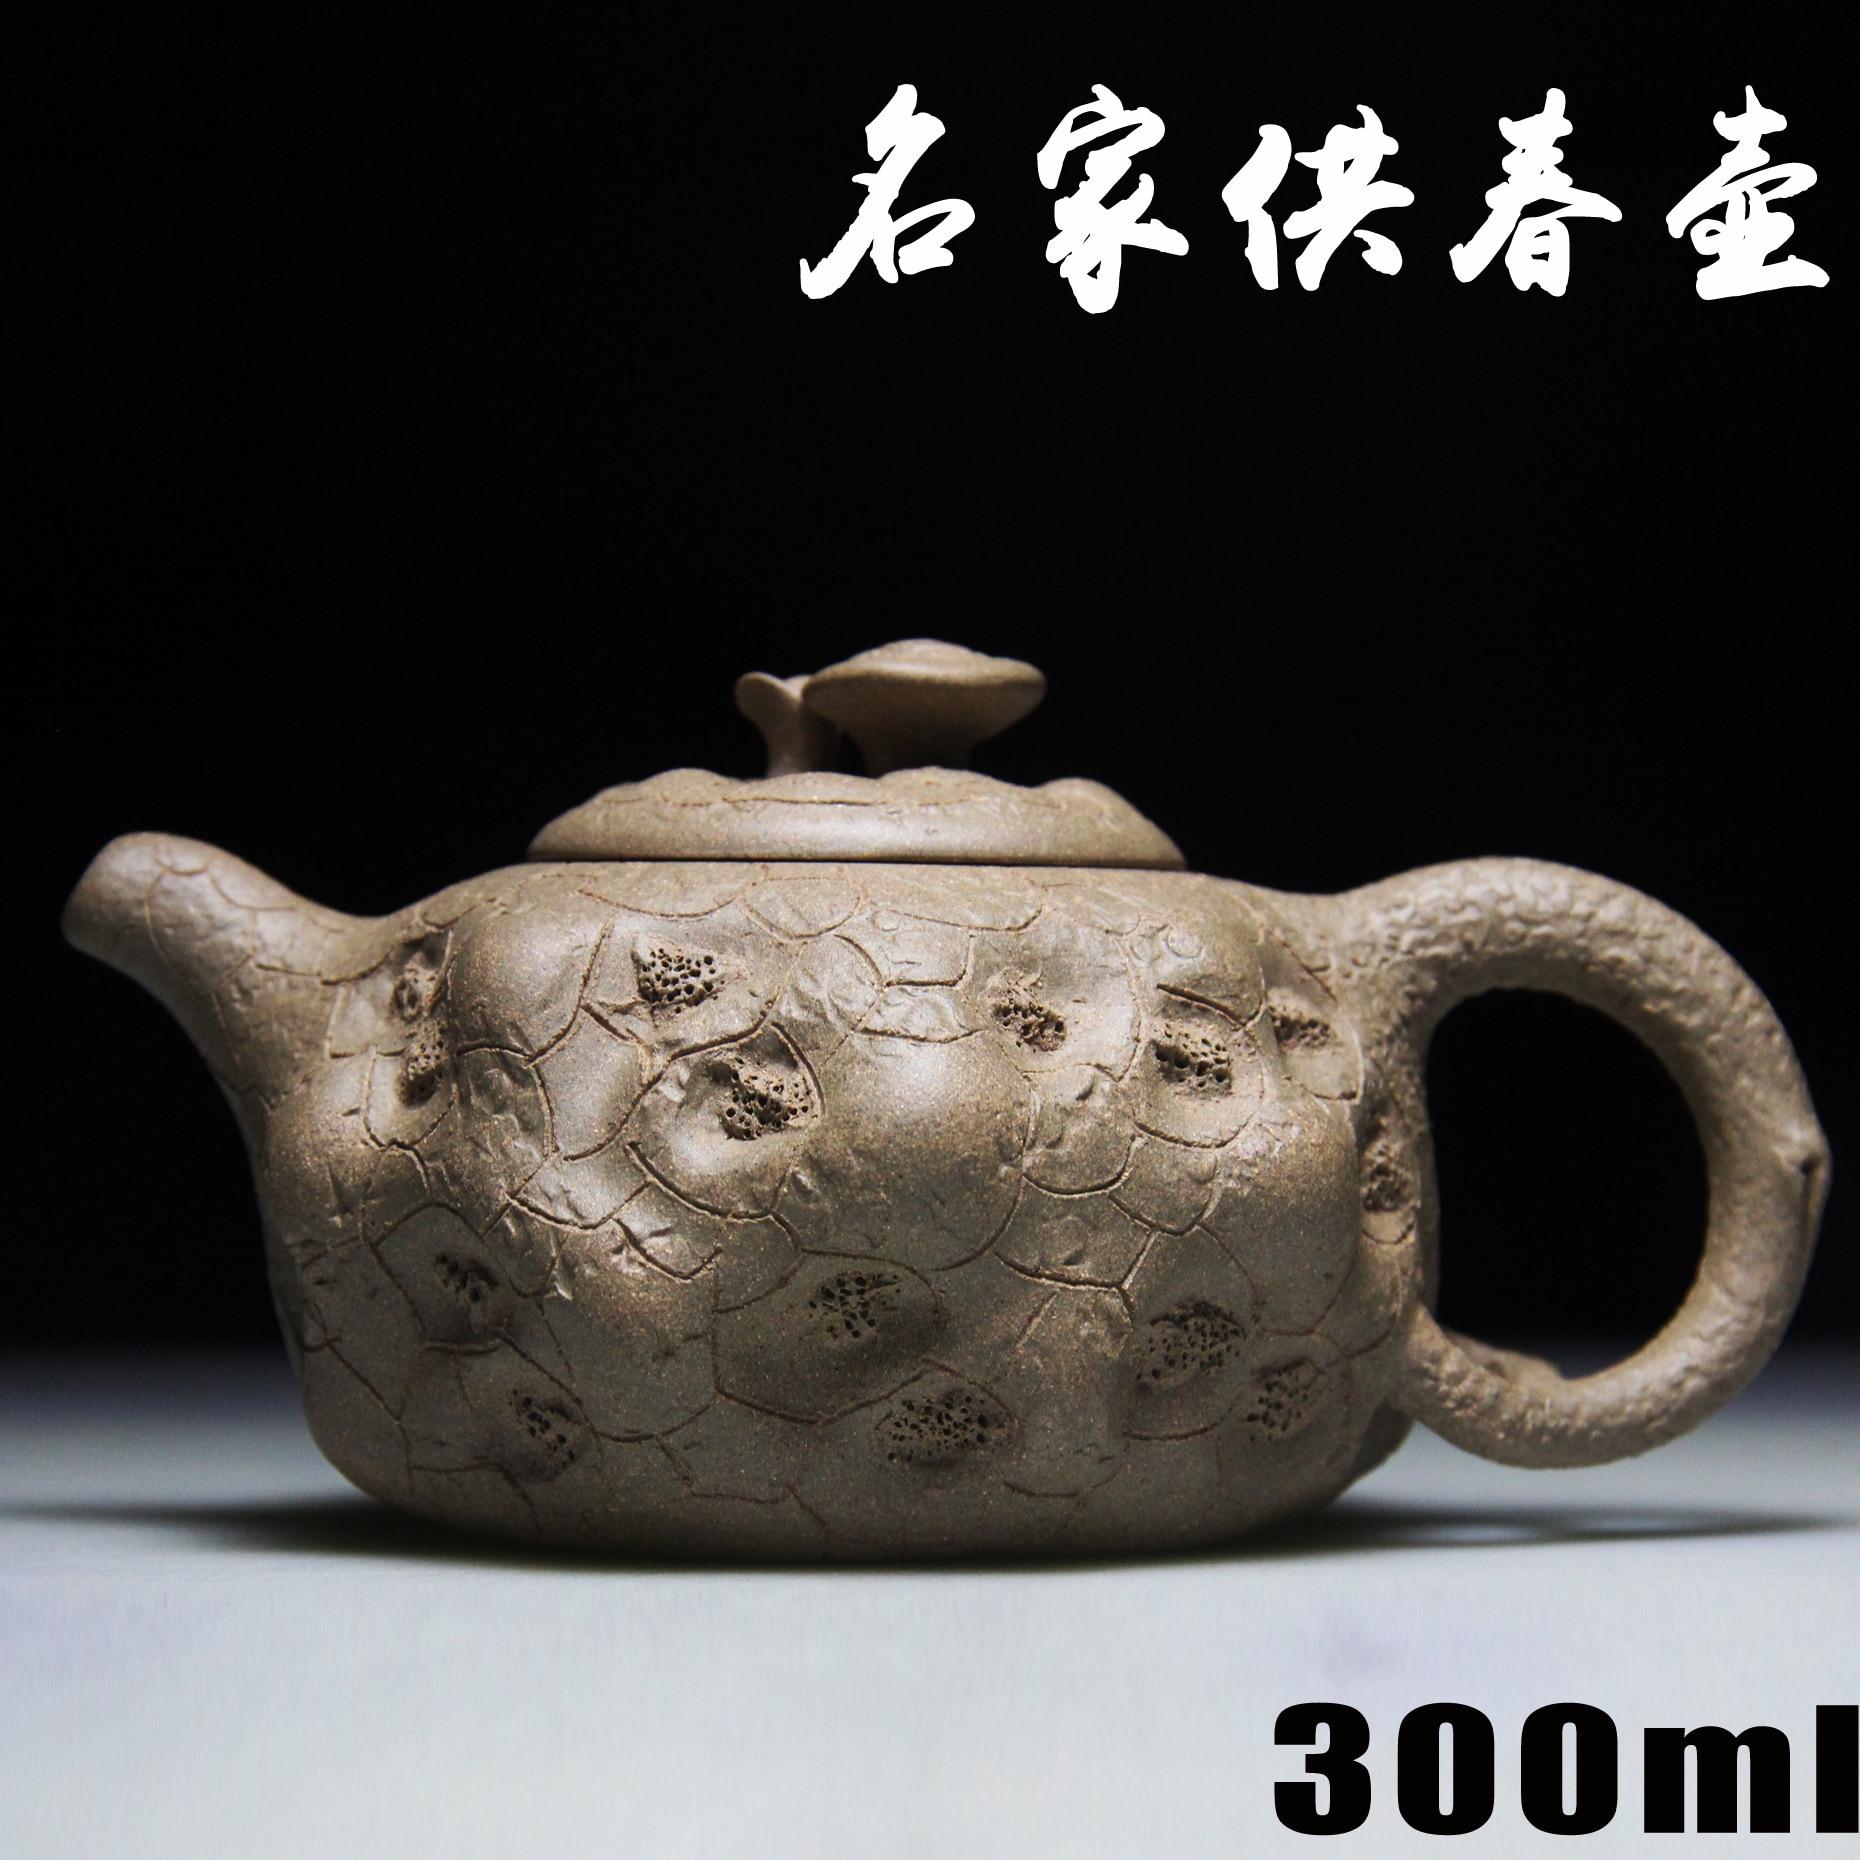 Весенний чайник 127, оригинальный чайник Yixing, знаменитый ручной чайник Duan Ni, 300 мл